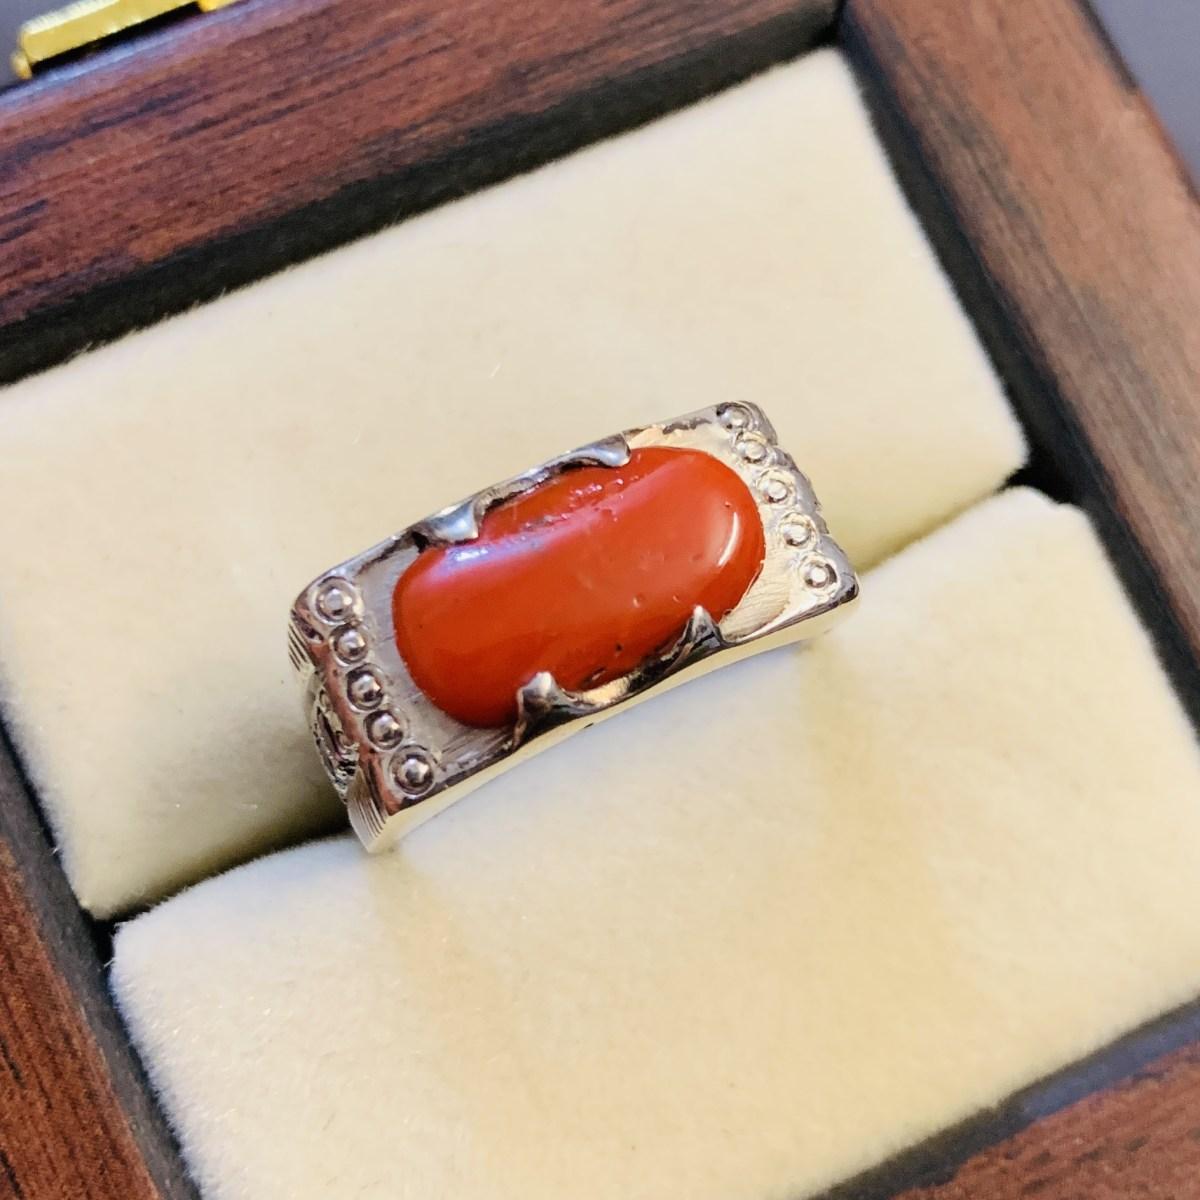 Marjaan Ring - Natural Coral Ring 925 Silver Handmade